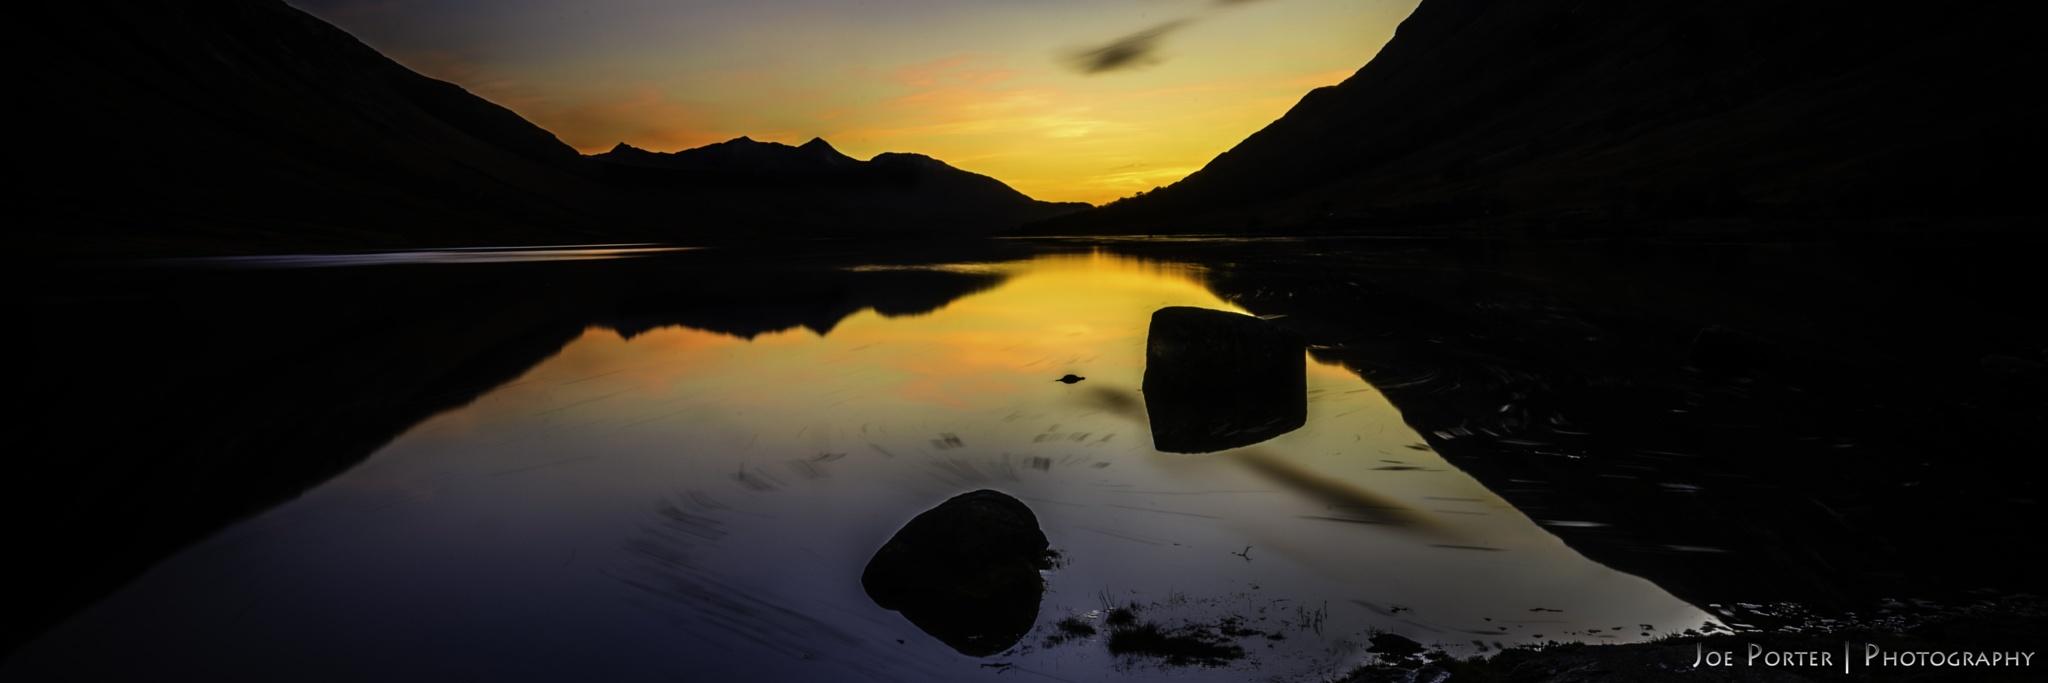 Loch Etive Sunset by Joe Porter Photography